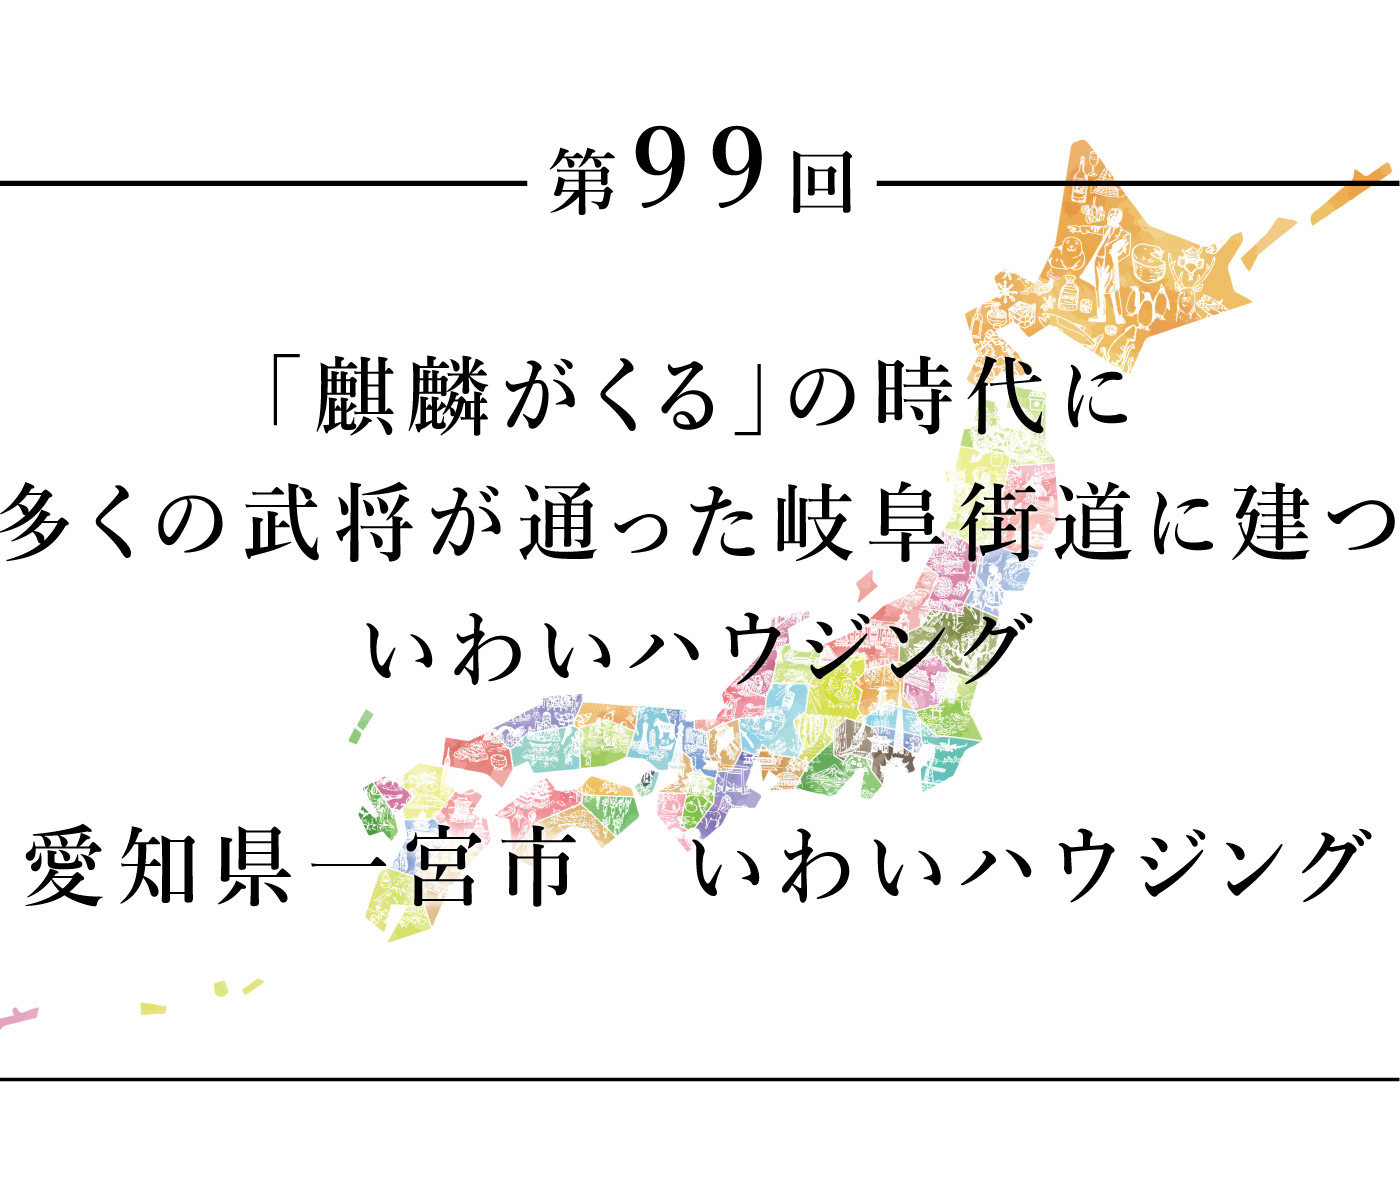 ちいきのたより第99回「麒麟がくる」の時代に多くの武将が通った岐阜街道に建ついわいハウジング愛知県一宮市 いわいハウジング